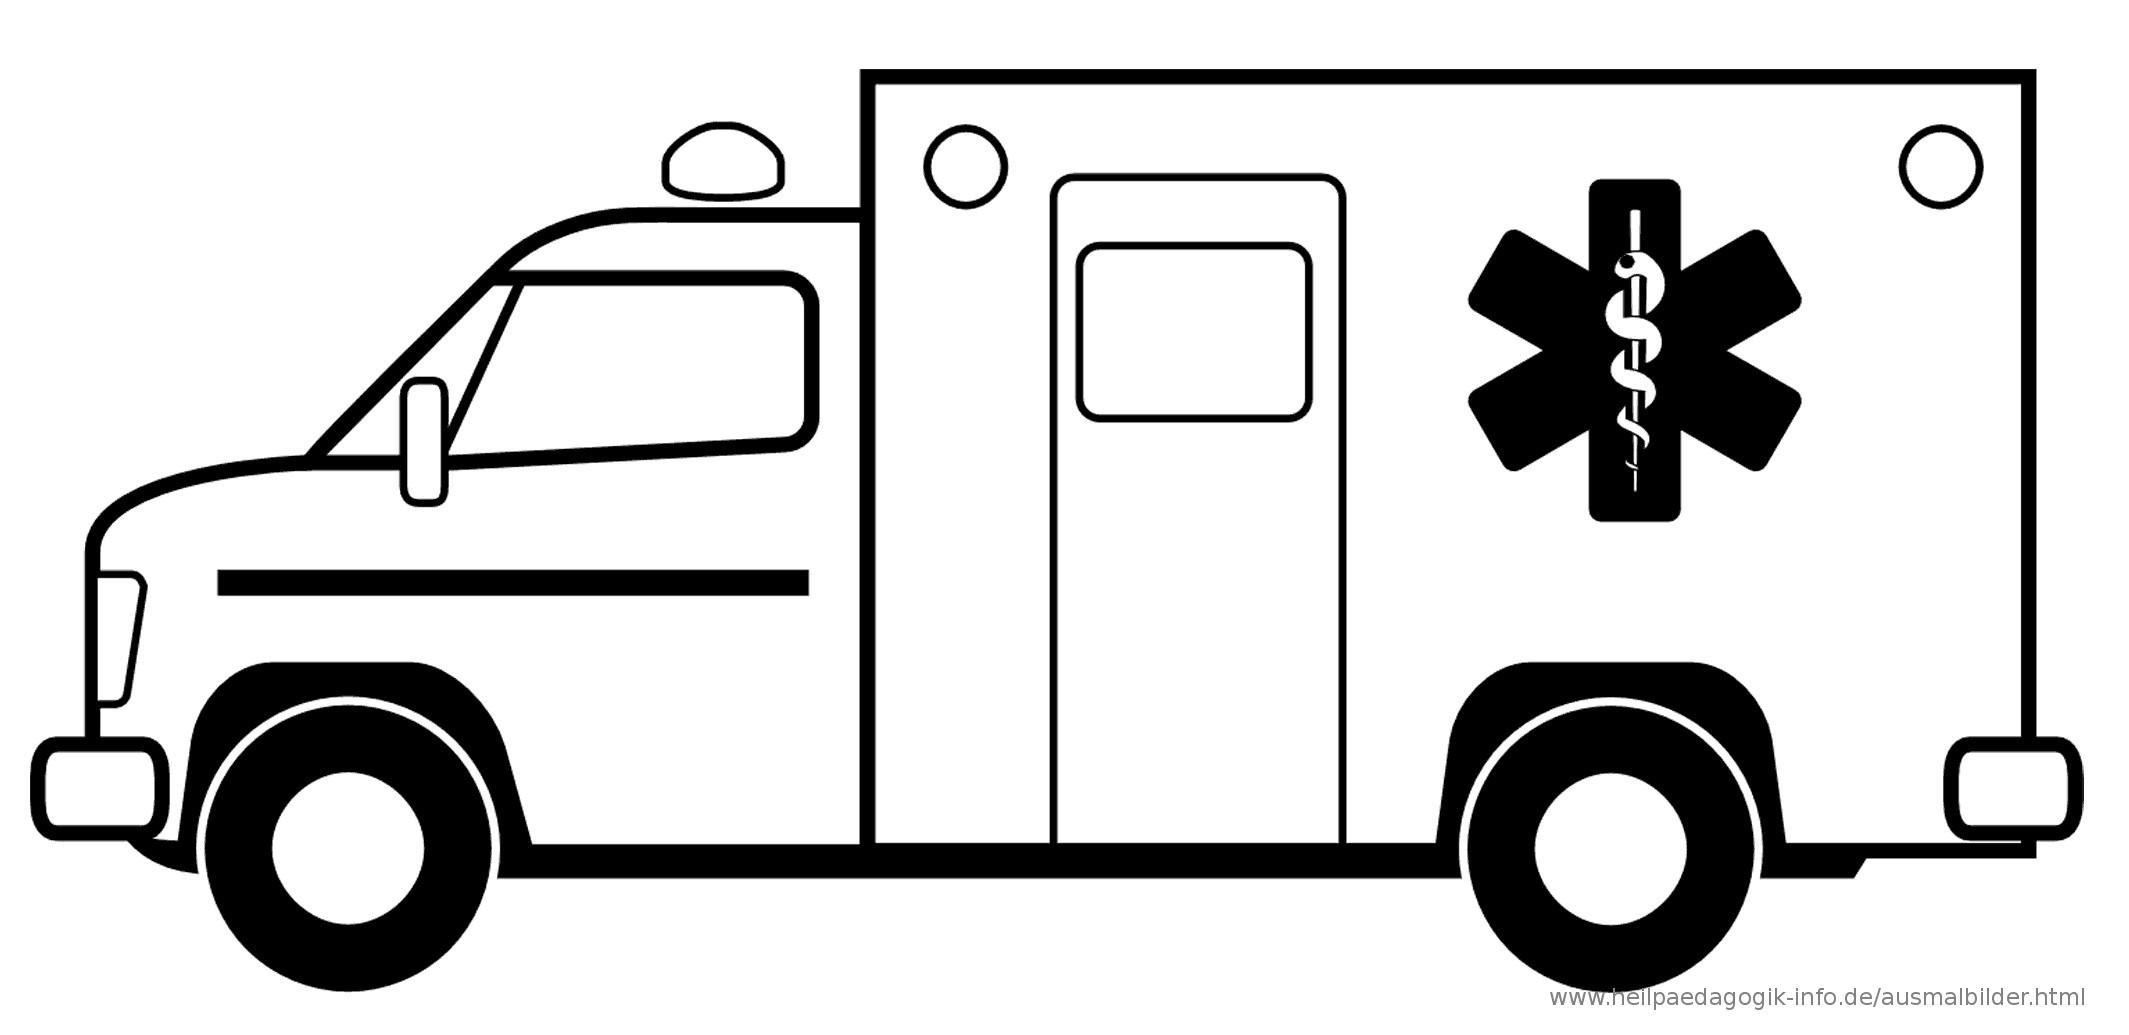 Ausmalbilder Polizei Und Feuerwehr Neu 35 Einzigartig Krankenwagen Ausmalbilder Mickeycarrollmunchkin Das Bild